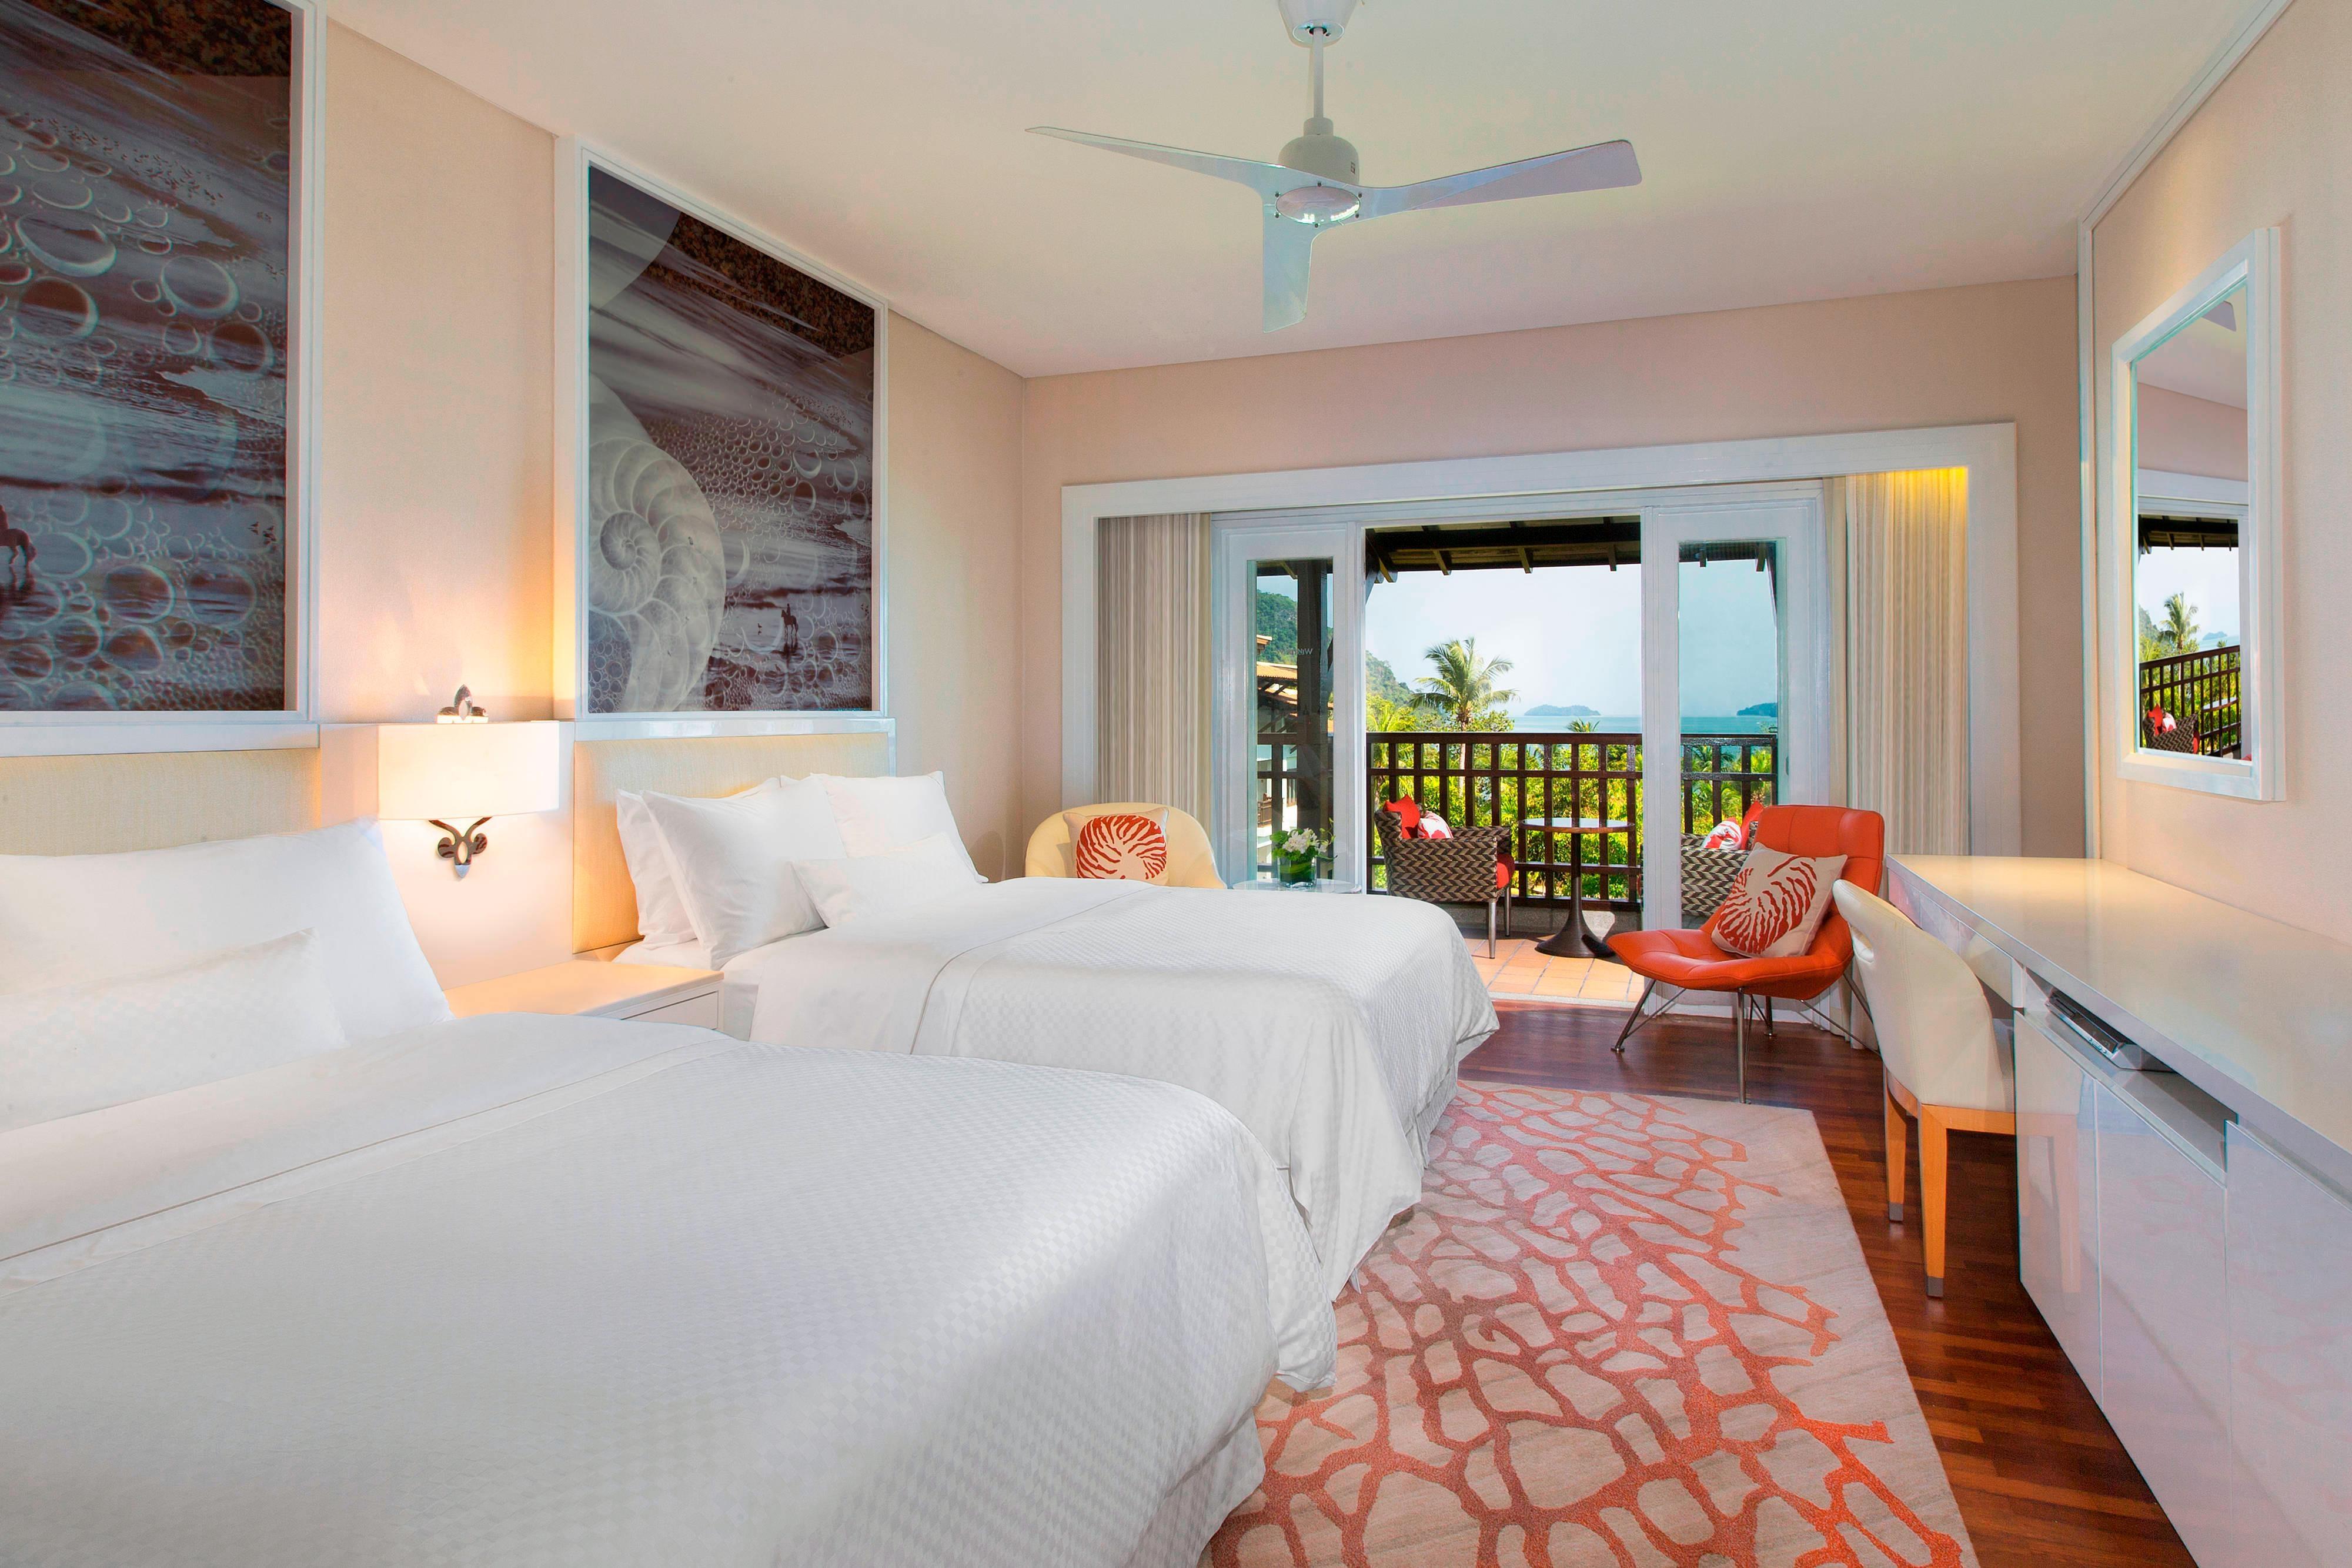 Chambre Premium avec vue sur l'océan